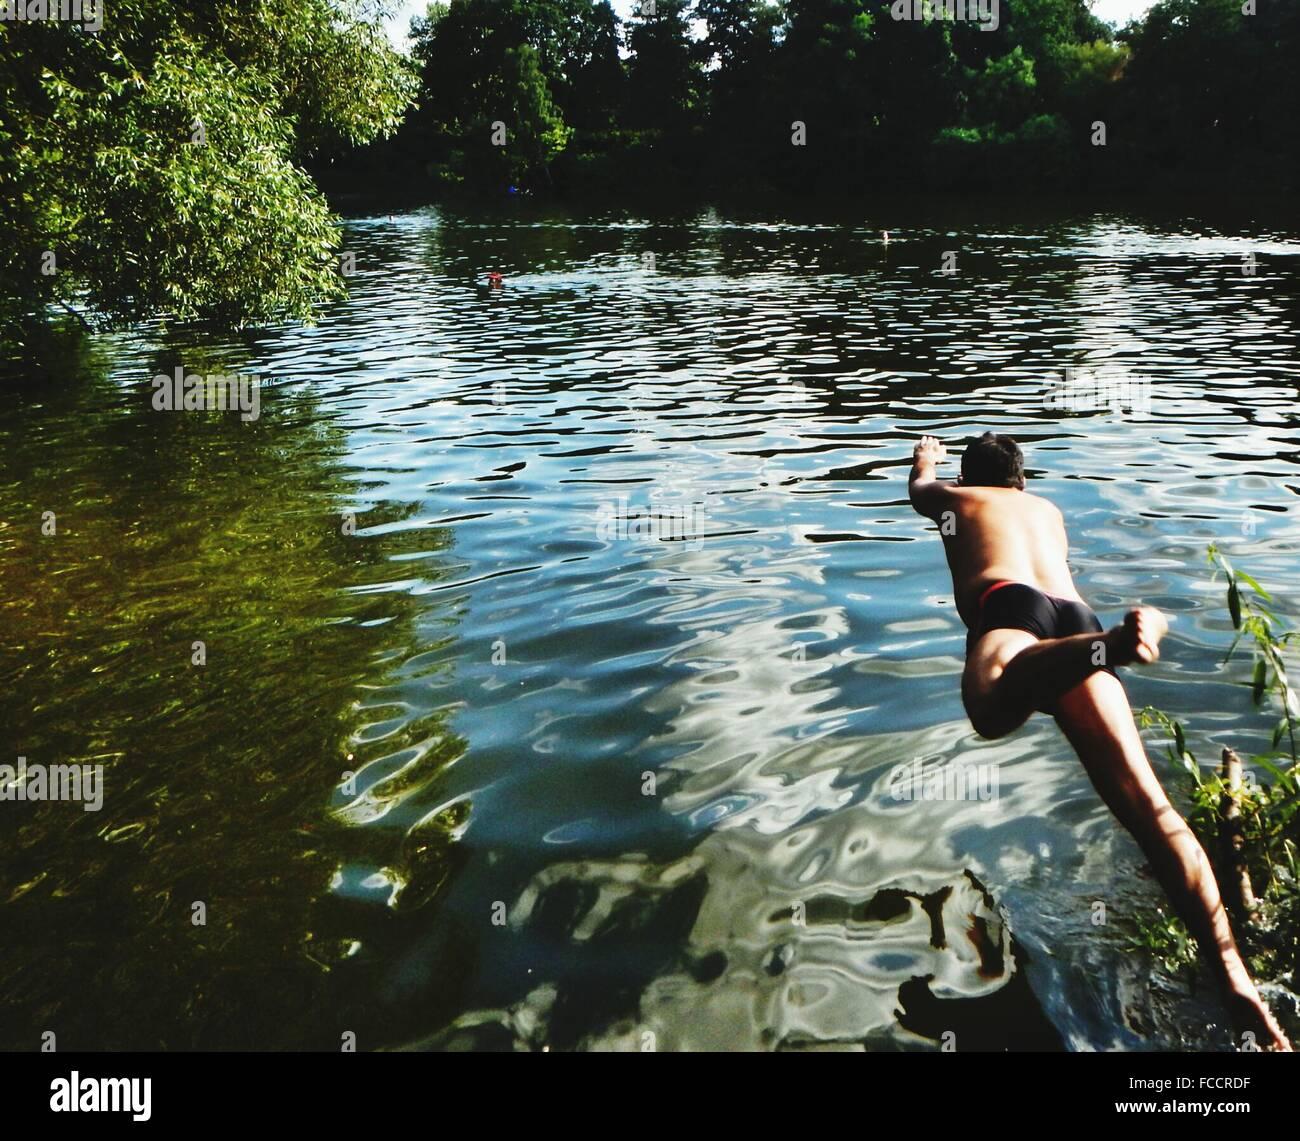 La longueur totale de l'homme dans le lac de plongée Photo Stock